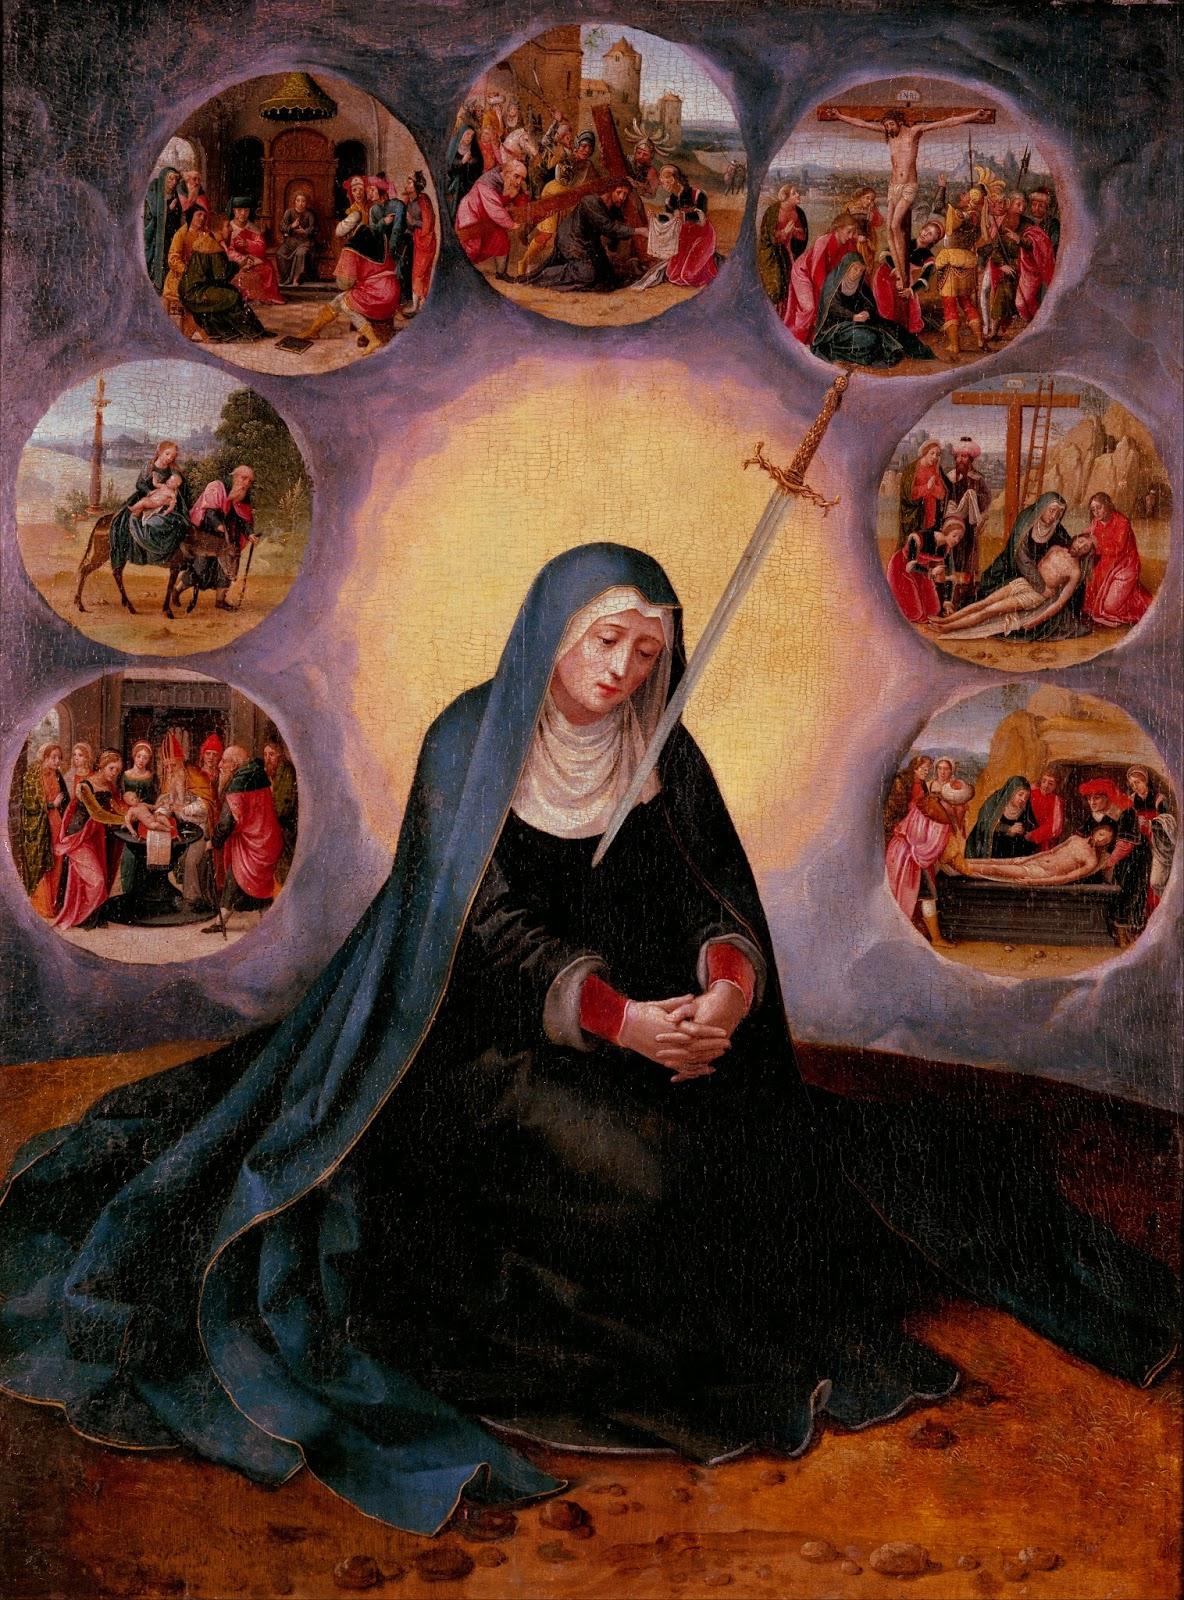 Mary-7-Sorrows